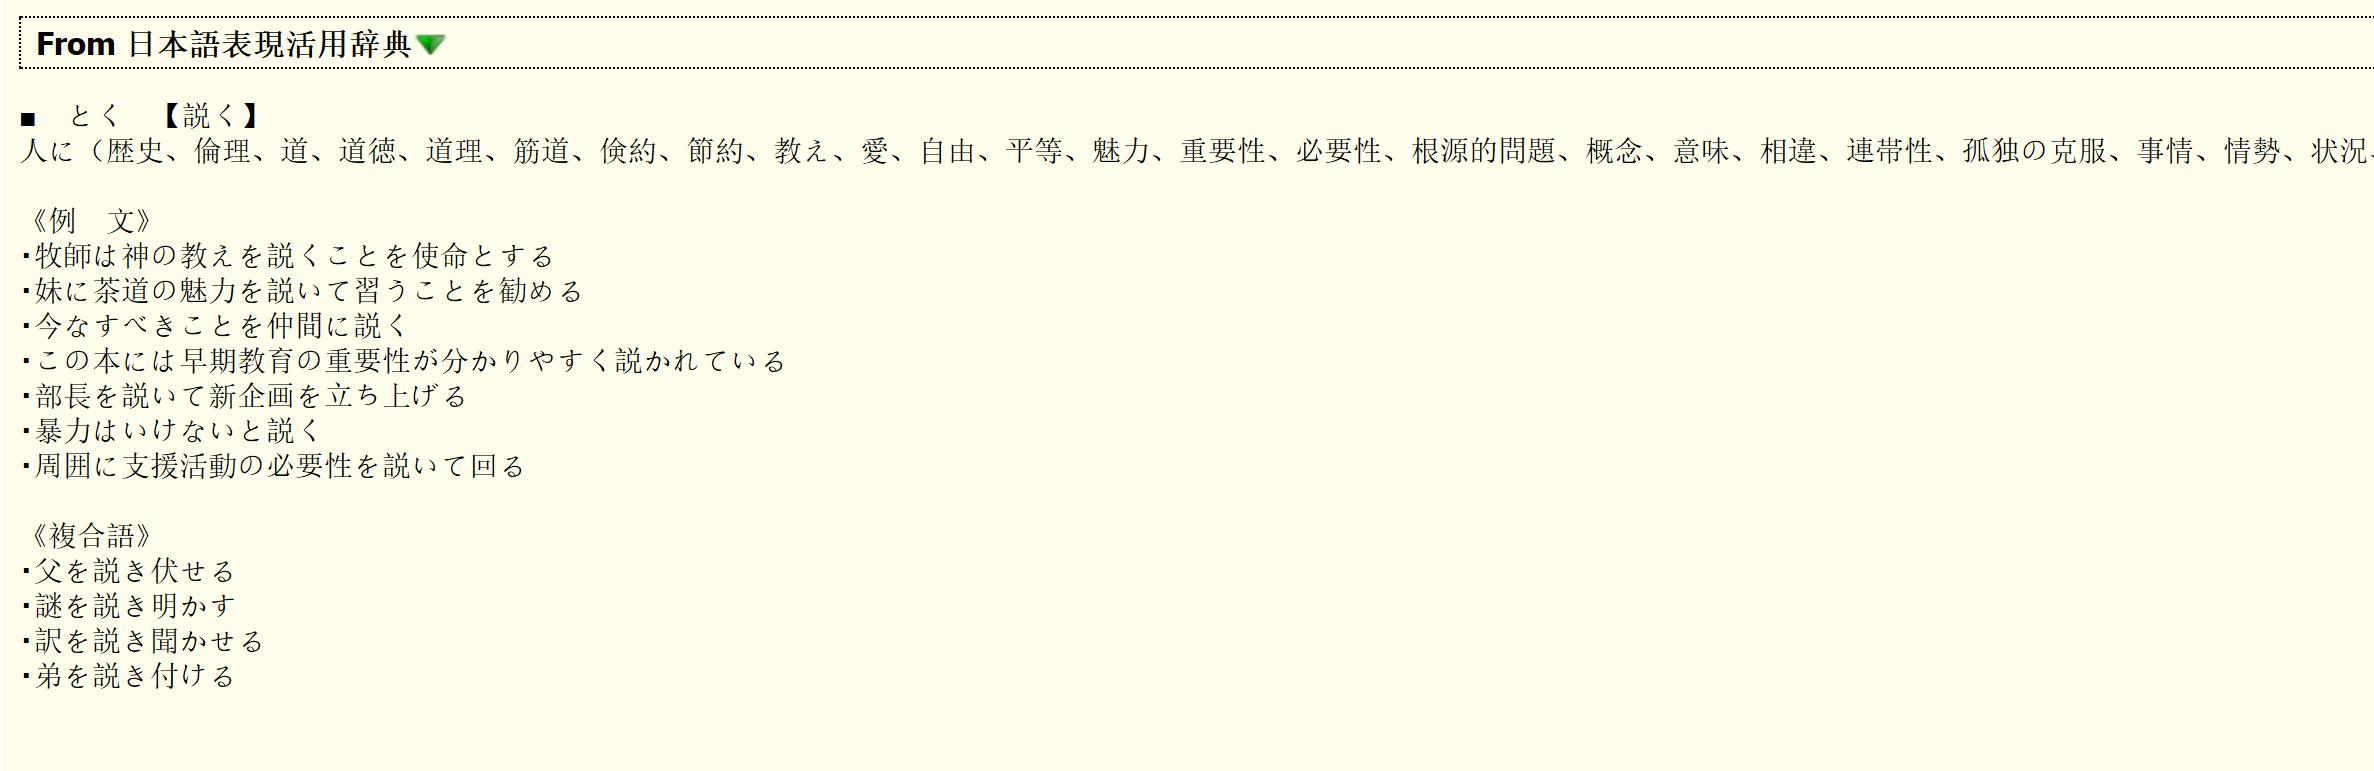 日本語表現活用辞典